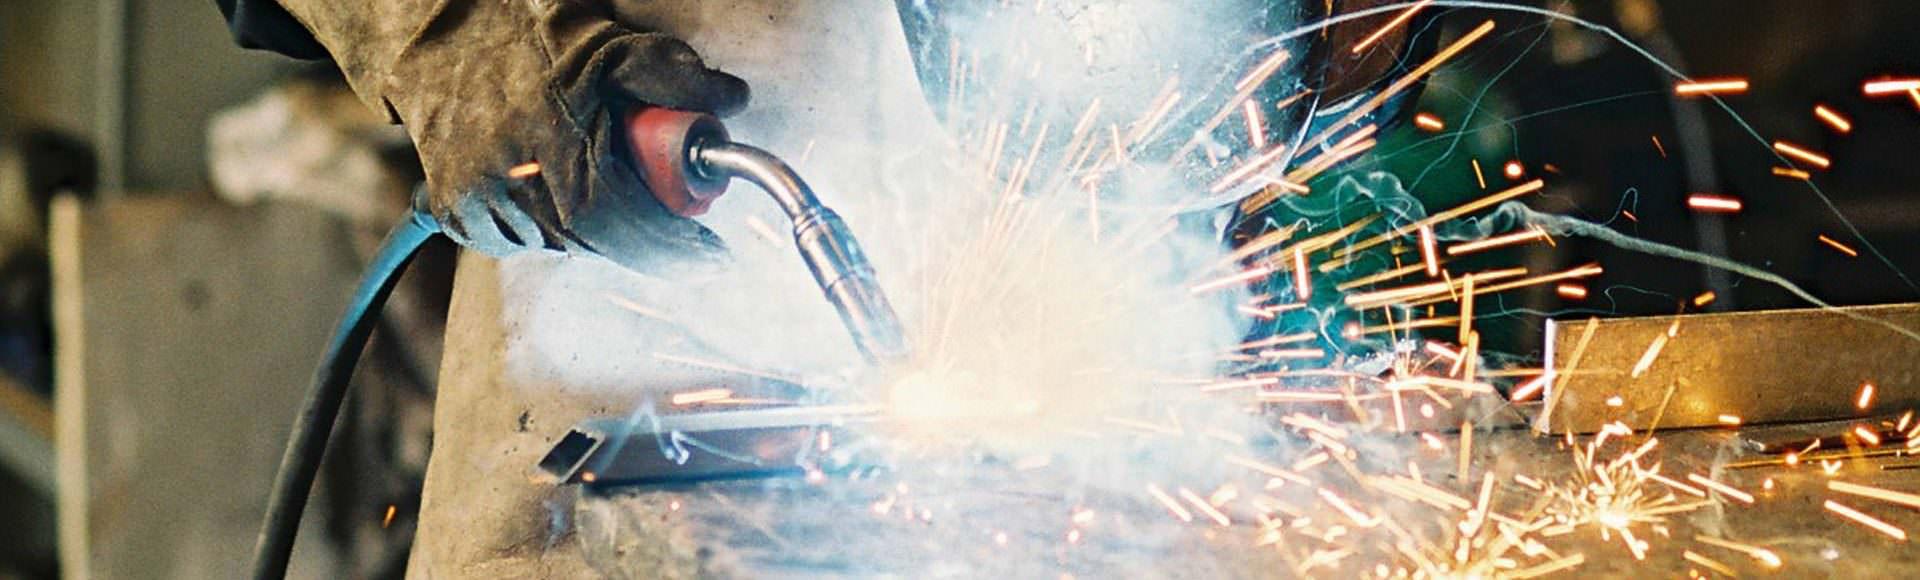 Metallbau und Stahlbau – Schlosserei Fürndraht